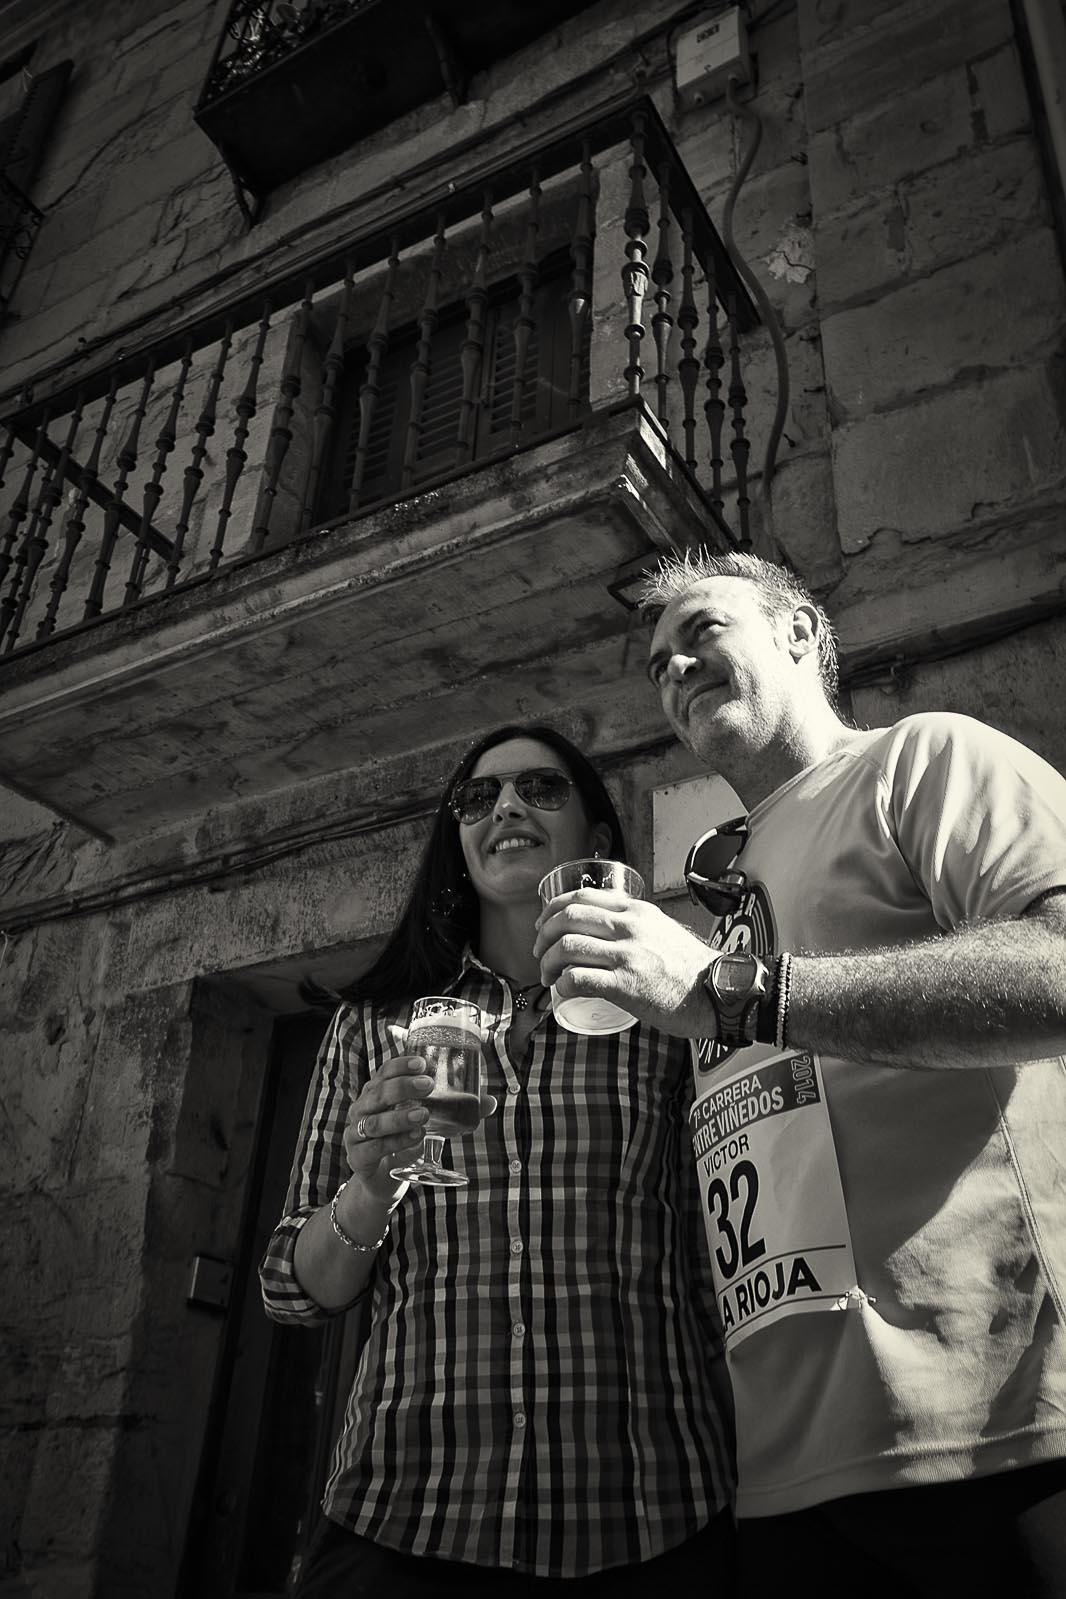 Entre viñedos beer_82